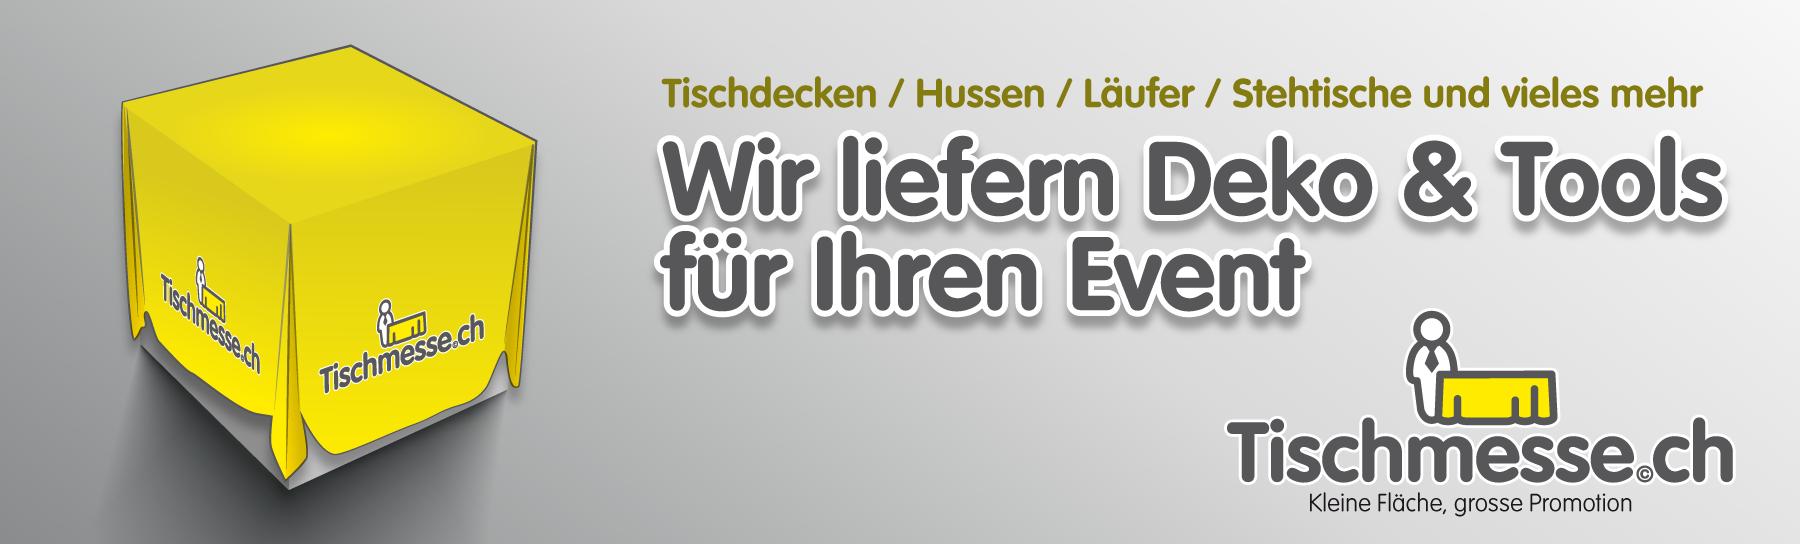 Tischmesse.ch - Ihr Lieferant von Event-Technik für Tischmessen